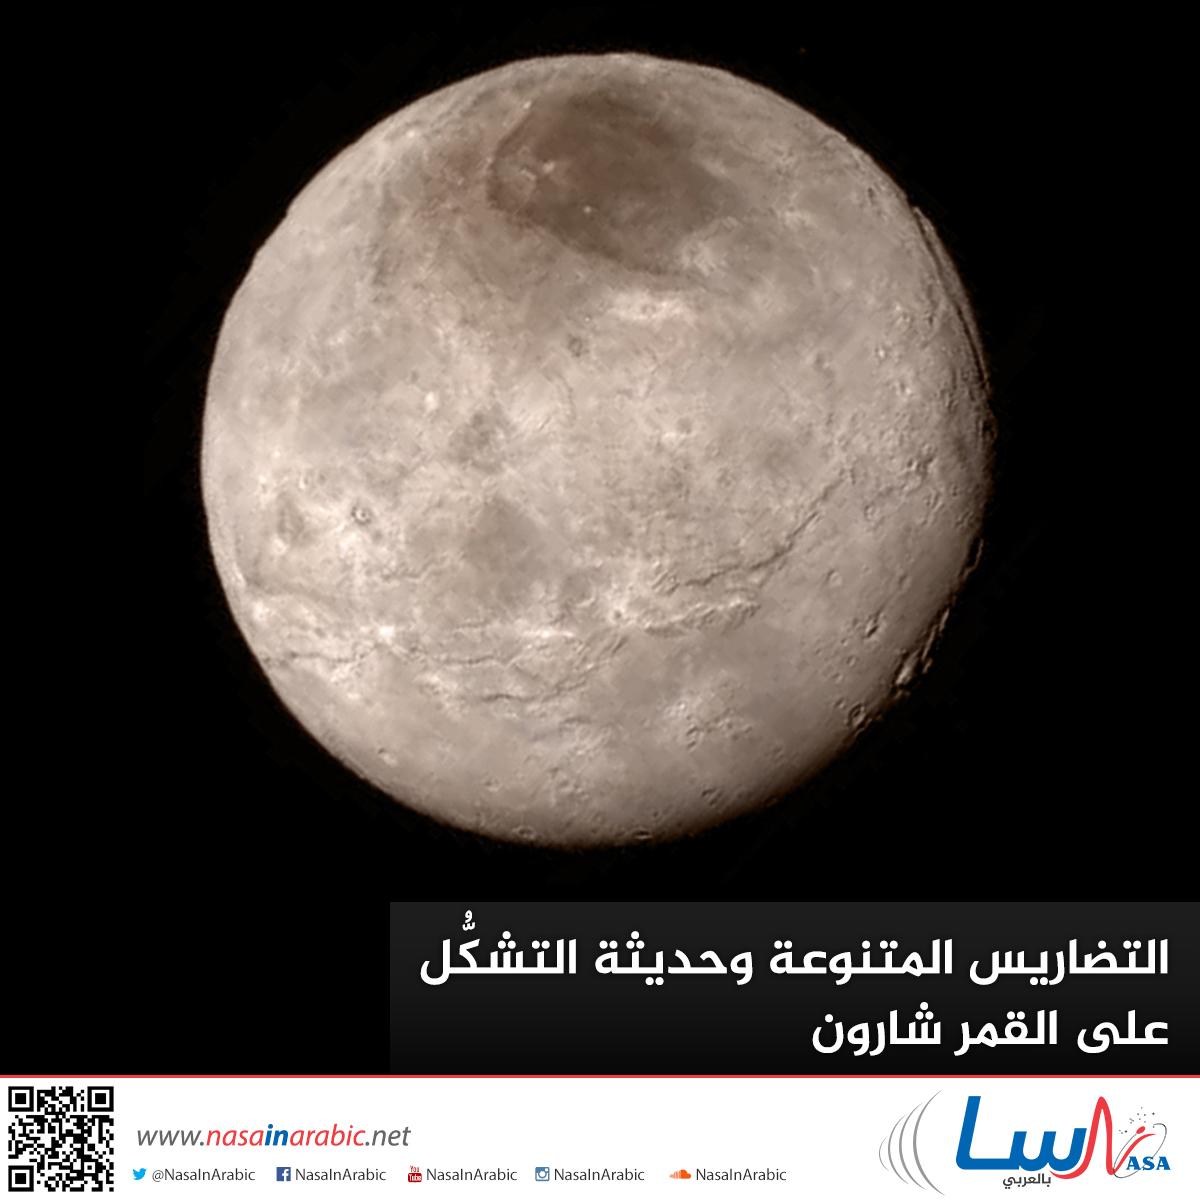 التضاريس المتنوعة وحديثة التشكُّل على القمر شارون